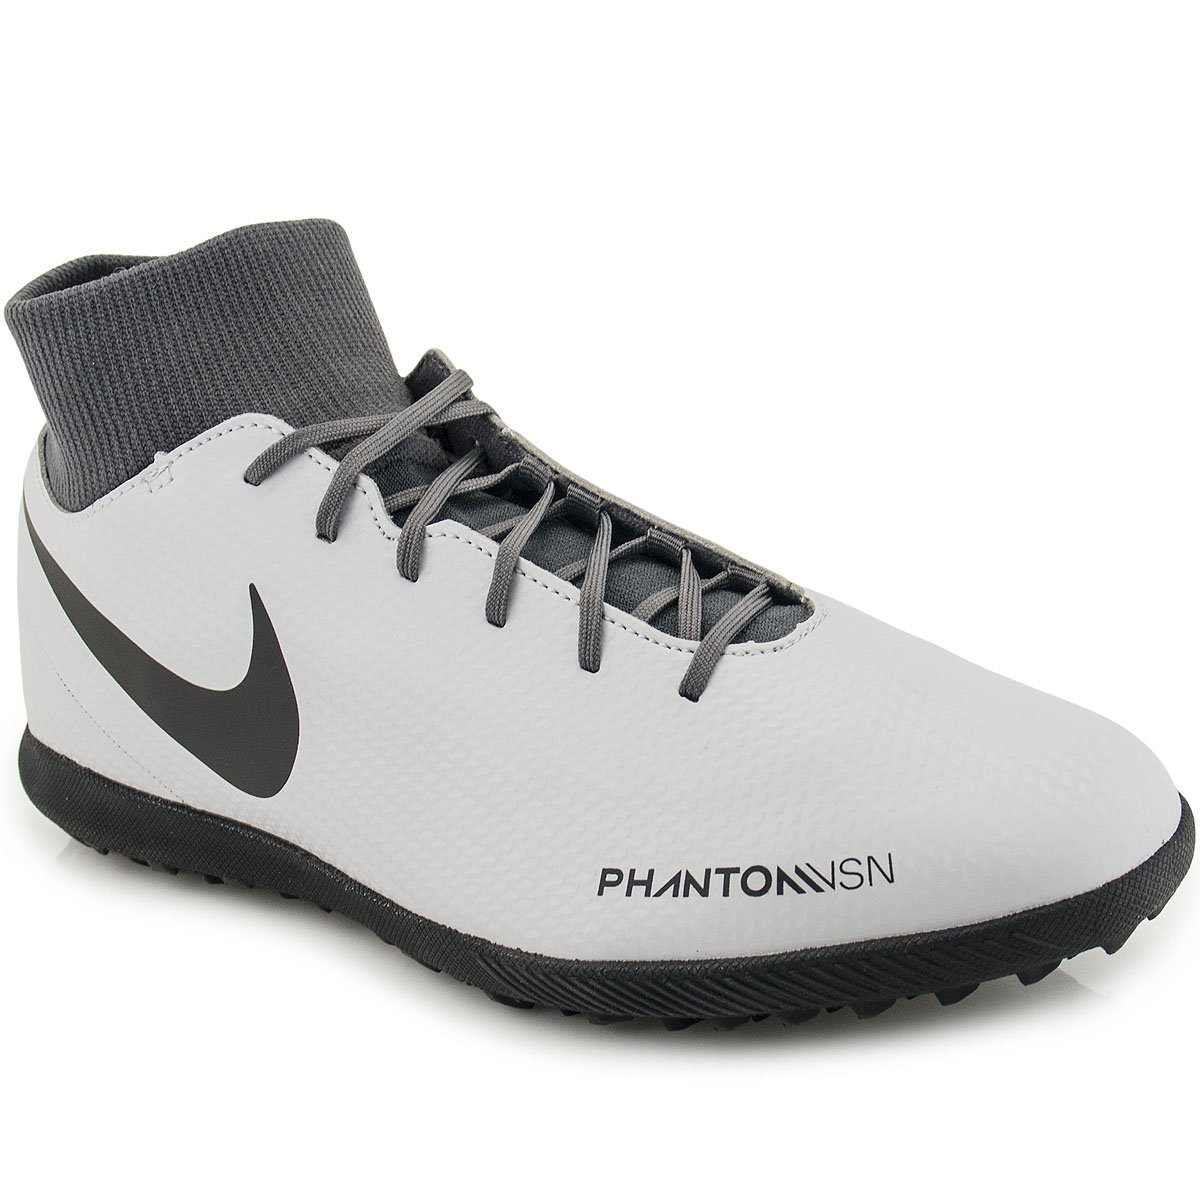 75dc19c70a Chuteira Nike PhantomX Vision Club TF